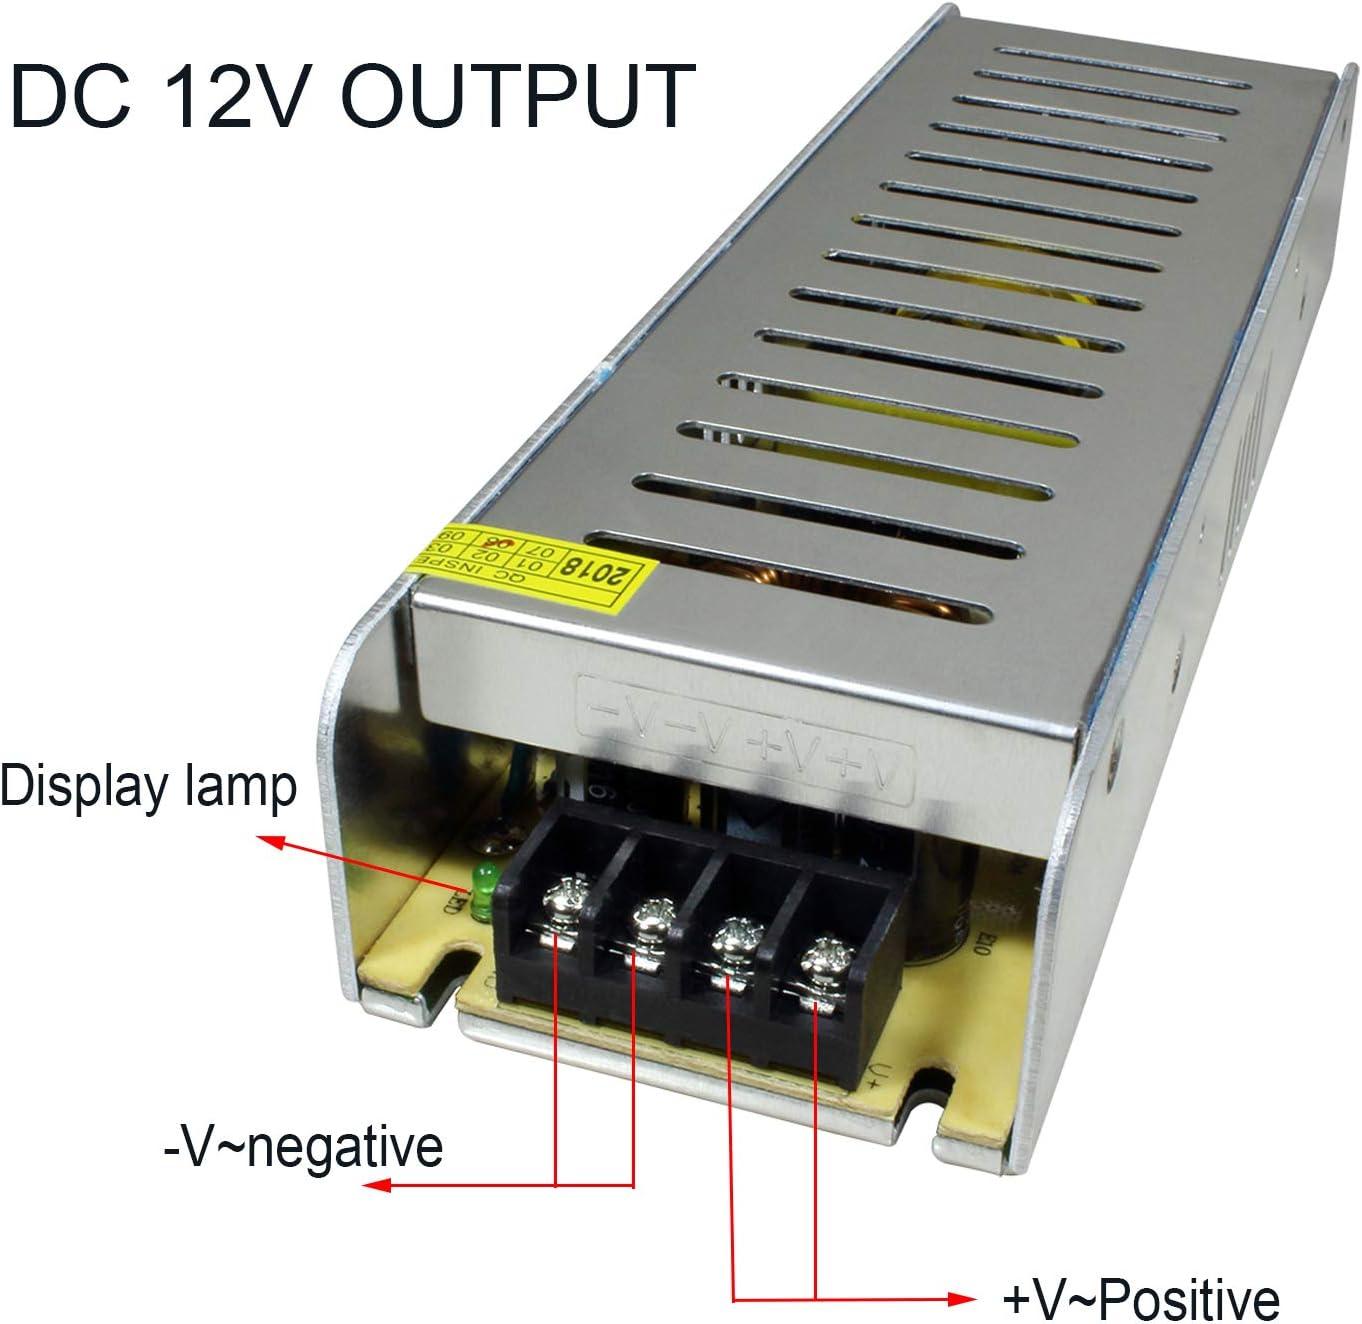 STBTECH LED Driver Transformateur d/'alimentation adaptateur 220V AC /à DC 12V 12.5A 150W Convertisseur Chargeur pour Bande LED Pixel Light Syst/ème de surveillance Afficheurs LED Mute Facile /à cacher